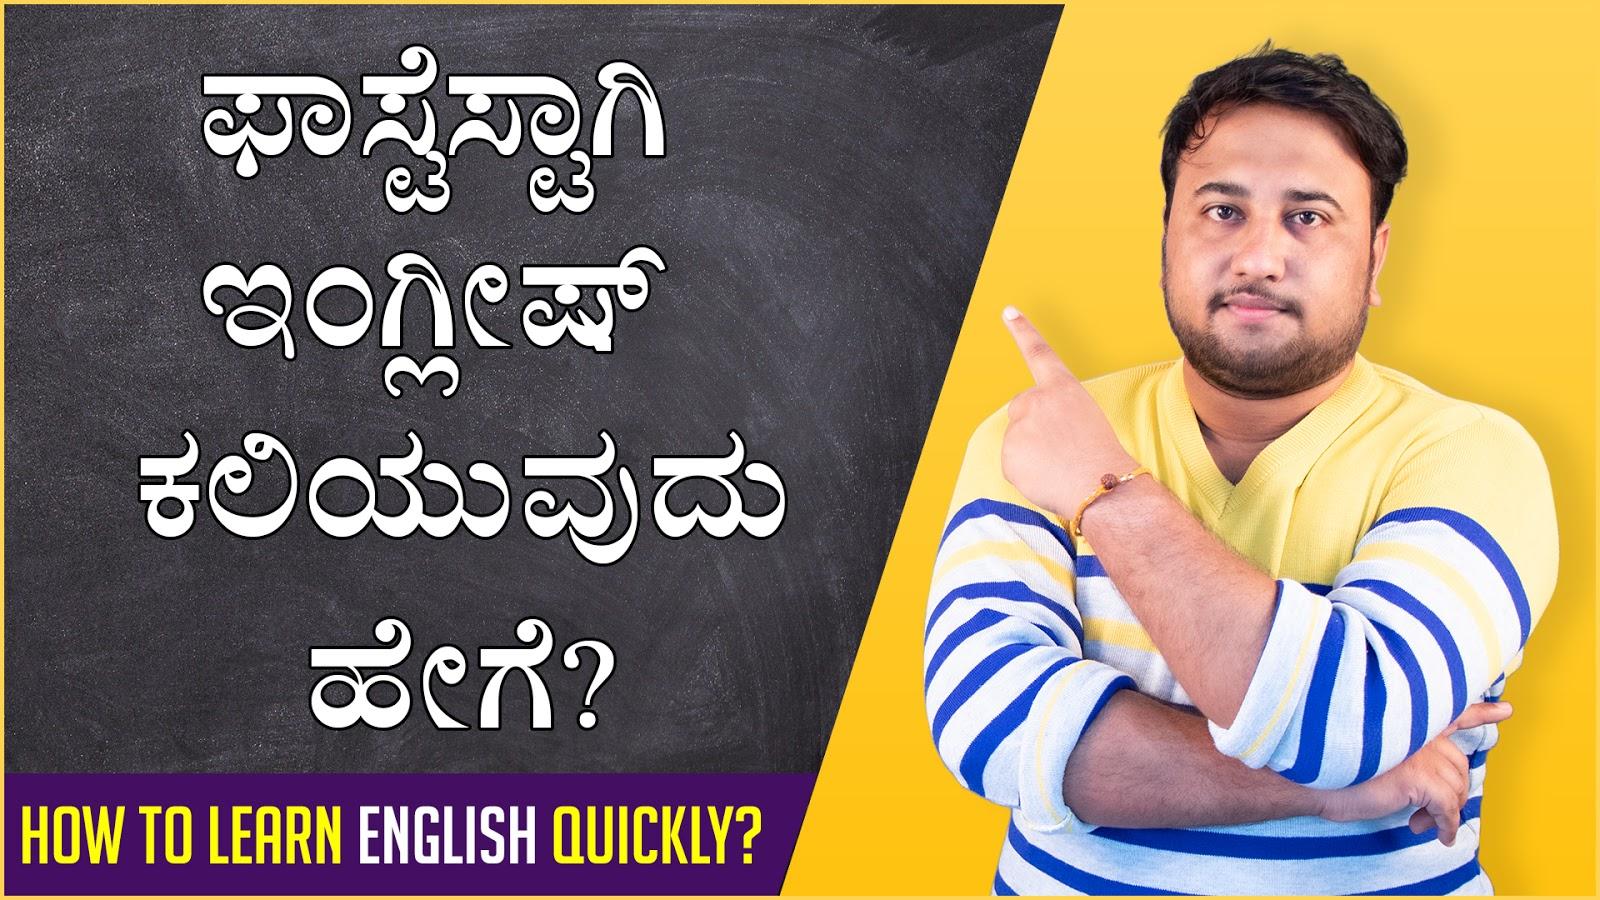 ಫಾಸ್ಟೆಸ್ಟಾಗಿ ಇಂಗ್ಲೀಷ್ ಕಲಿಯುವುದು ಹೇಗೆ? How to learn English Quickly?